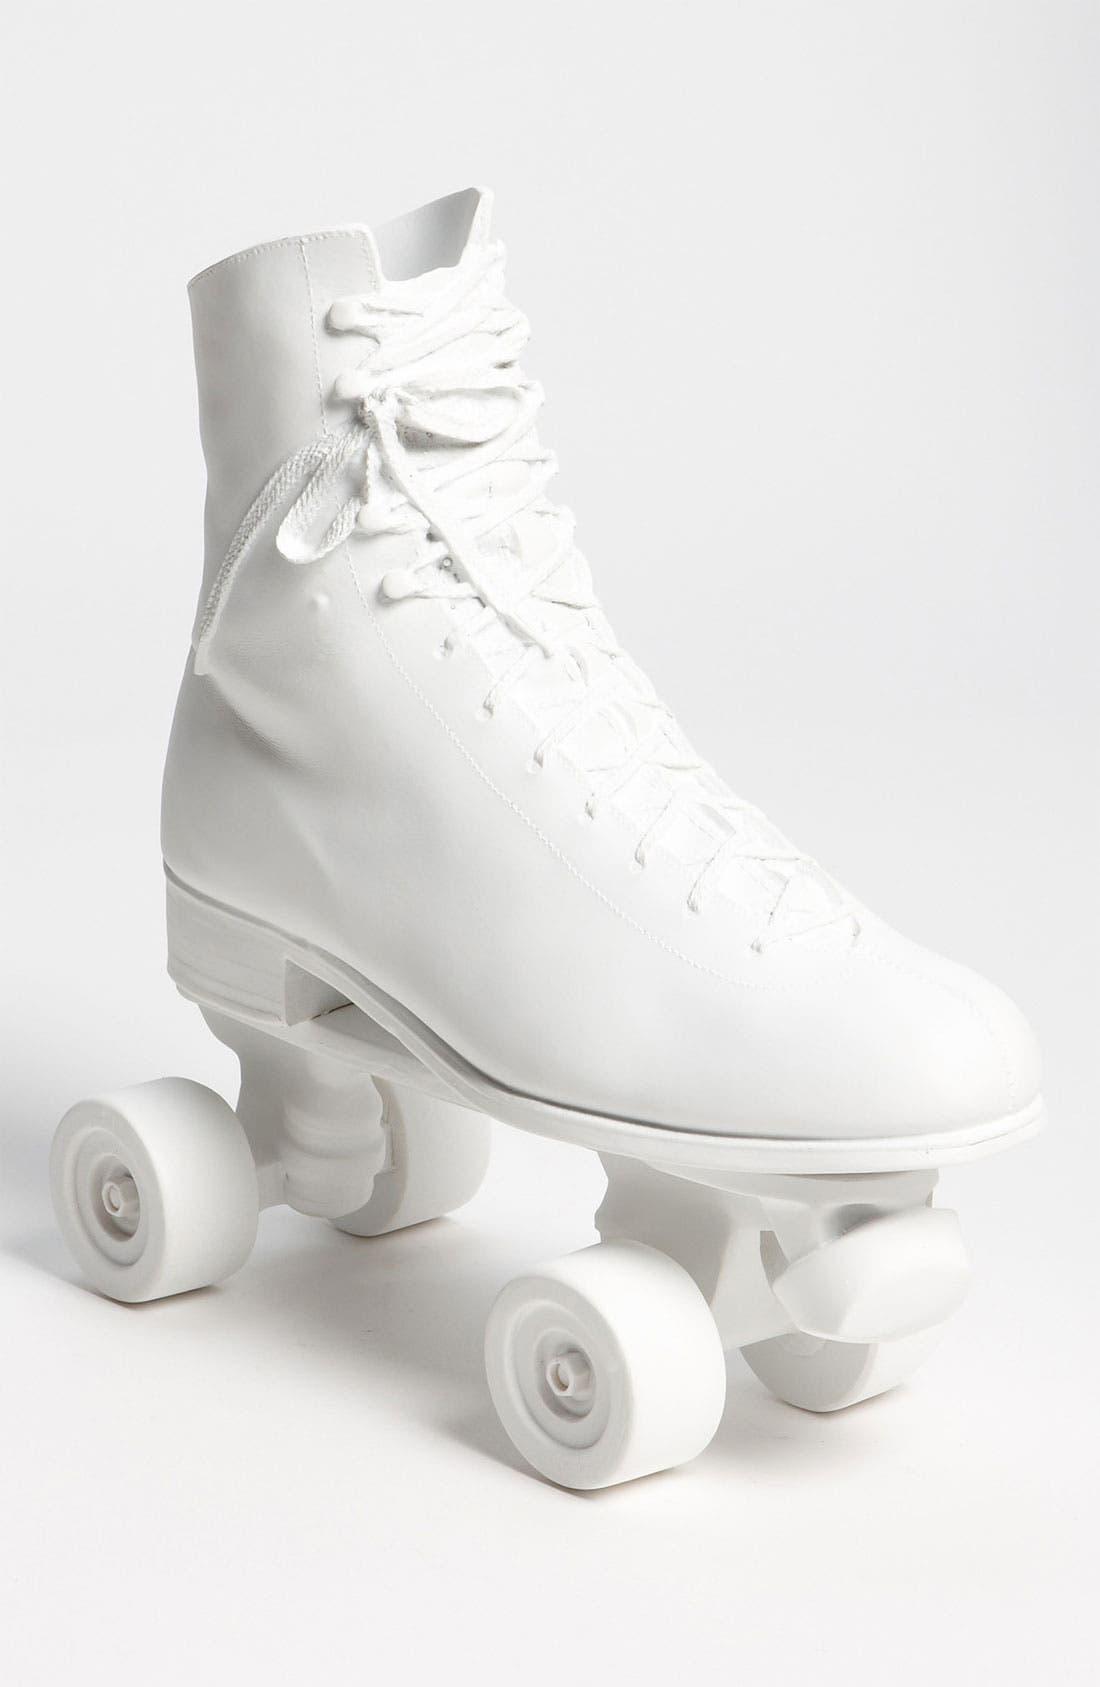 Main Image - Roller Skate Sculpture